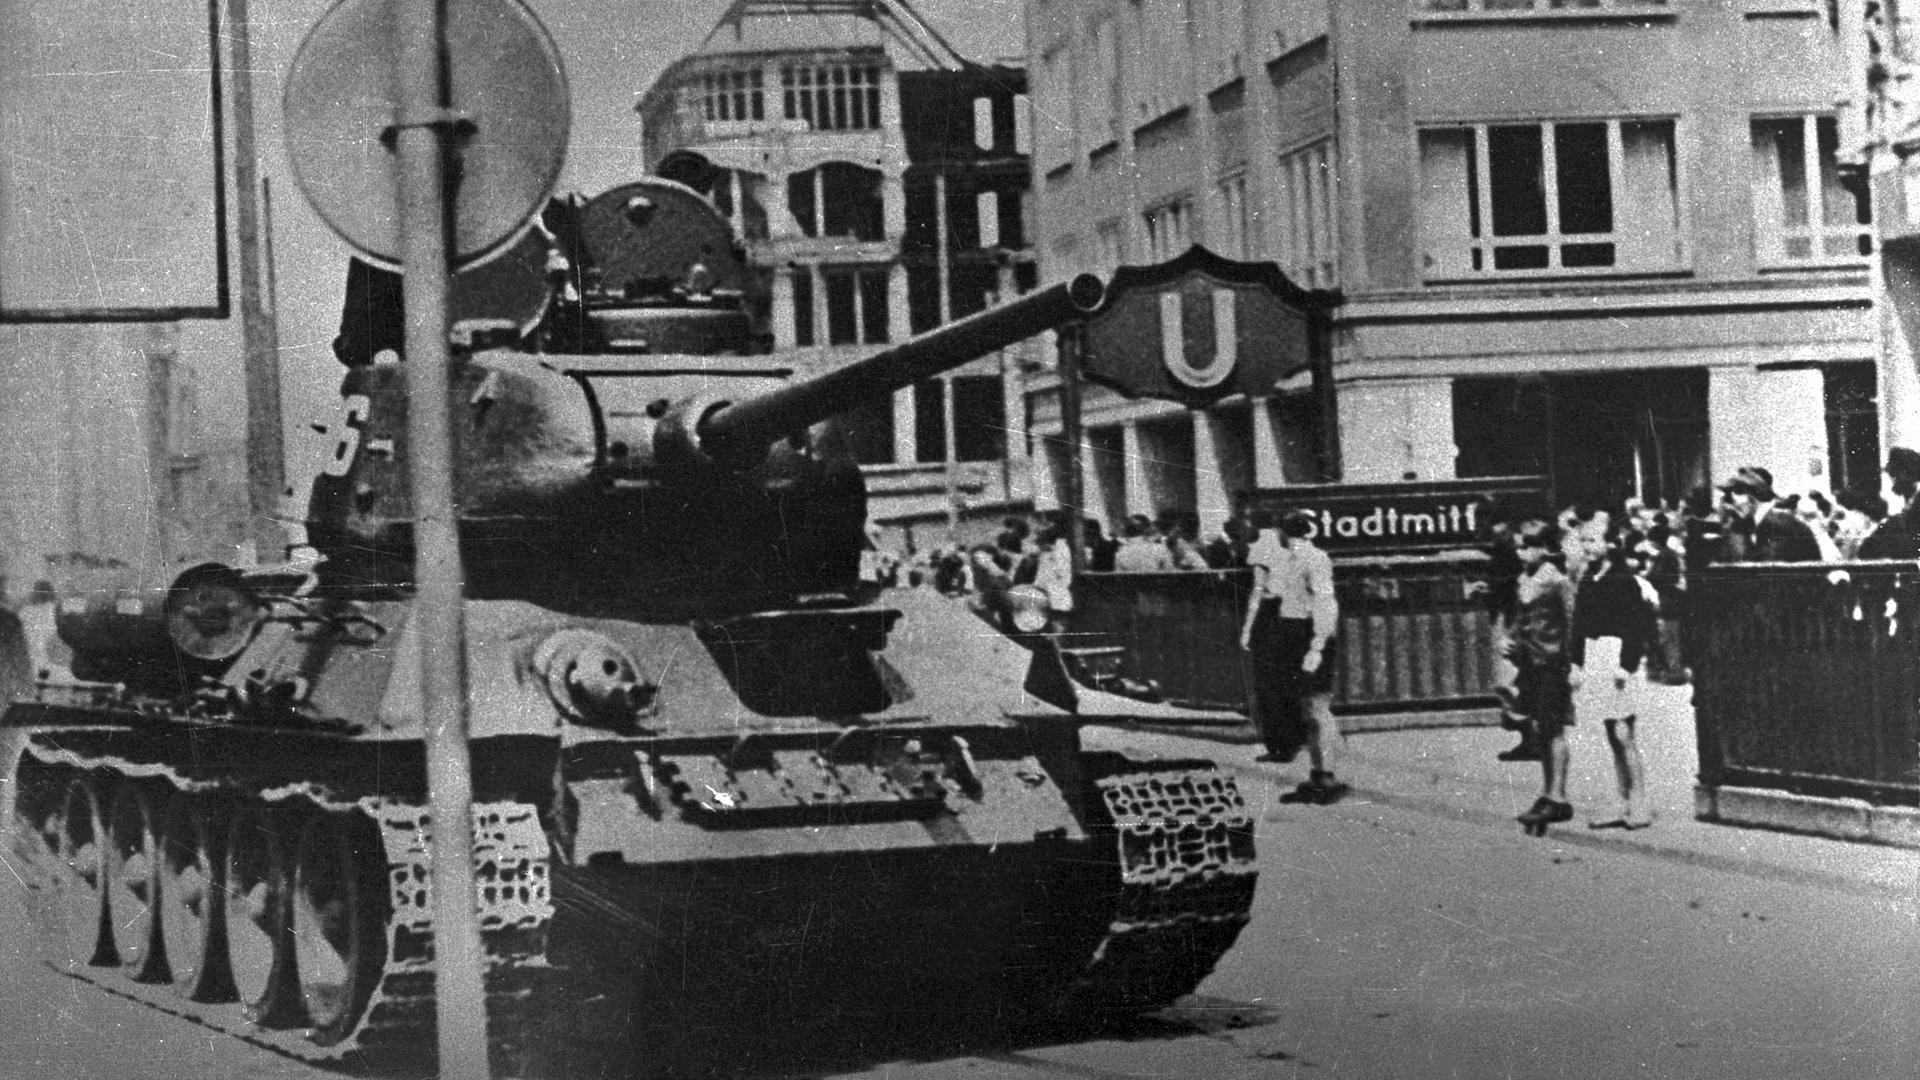 Ein sowjetischer T-54 Panzer, welcher am U-Bahnhof Stadtmitte in Berlin-Friedrichshain am 17.06.1953 abgestellt worden ist. Im Hintergrund dieses Fotos kann man eine größere Ansammlung von Zivilisten erkennen.